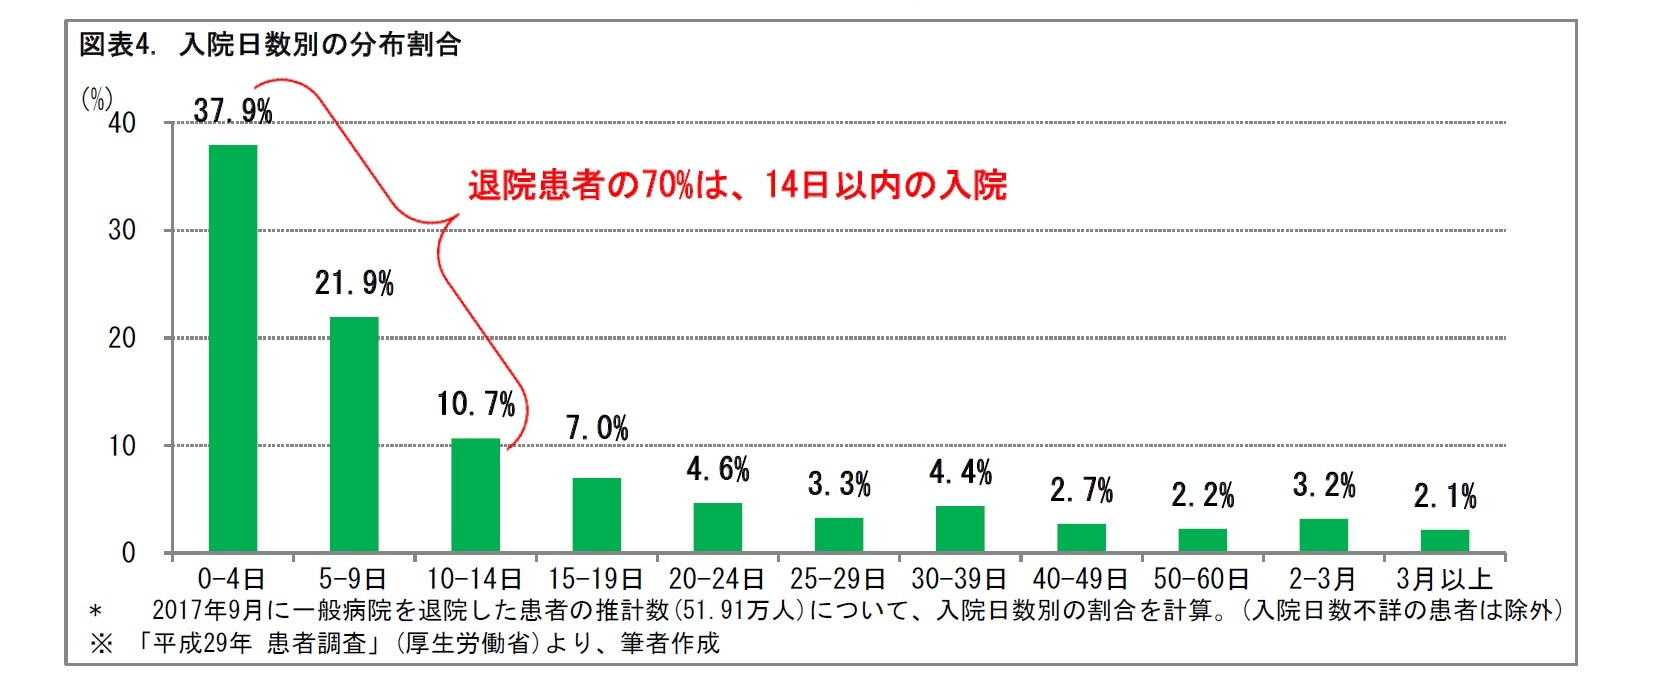 図表4. 入院日数別の分布割合